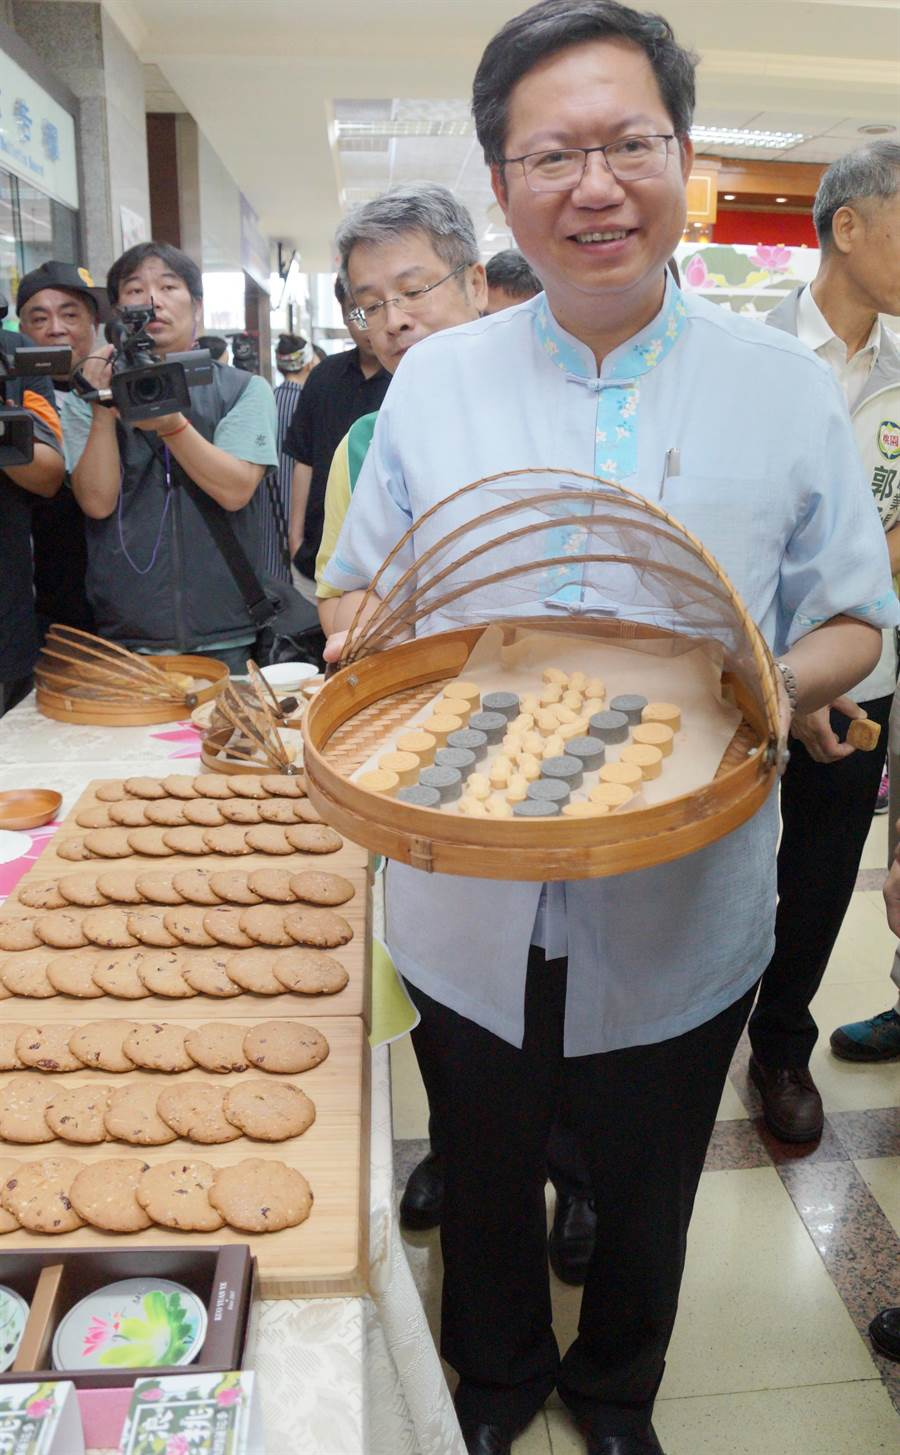 桃園蓮花季結合休閒農場蓮園業者及觀光工廠共同行銷,其中郭元益食品開發限量蓮子餅乾。(甘嘉雯攝)